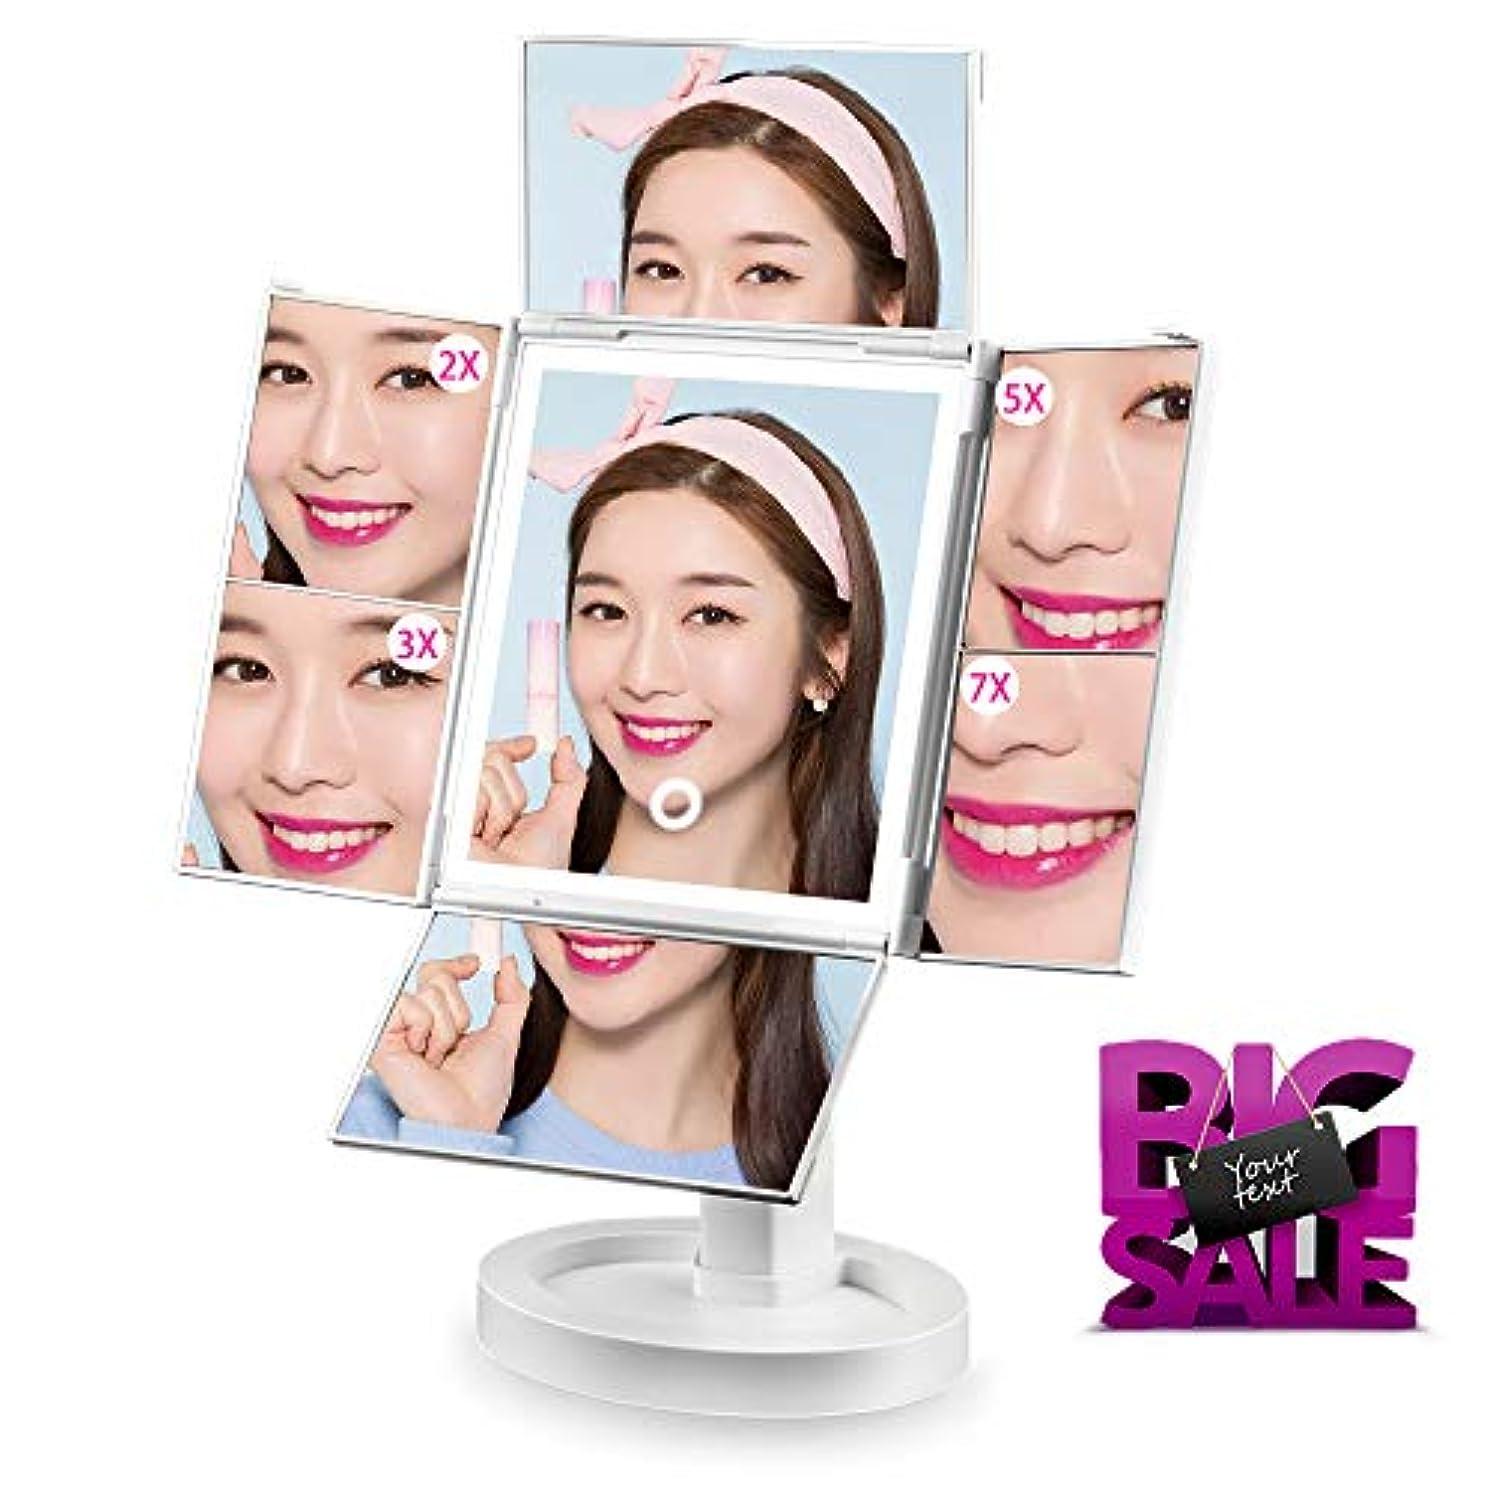 期待して相関するミル化粧鏡 SIX by SIX 化粧ミラー 鏡 四面鏡 女優ミラー 卓上 led付き 折りたたみ 拡大鏡 2&3&5&7倍 明るさ調節可能 180°回転 電池&USB 2WAY給電